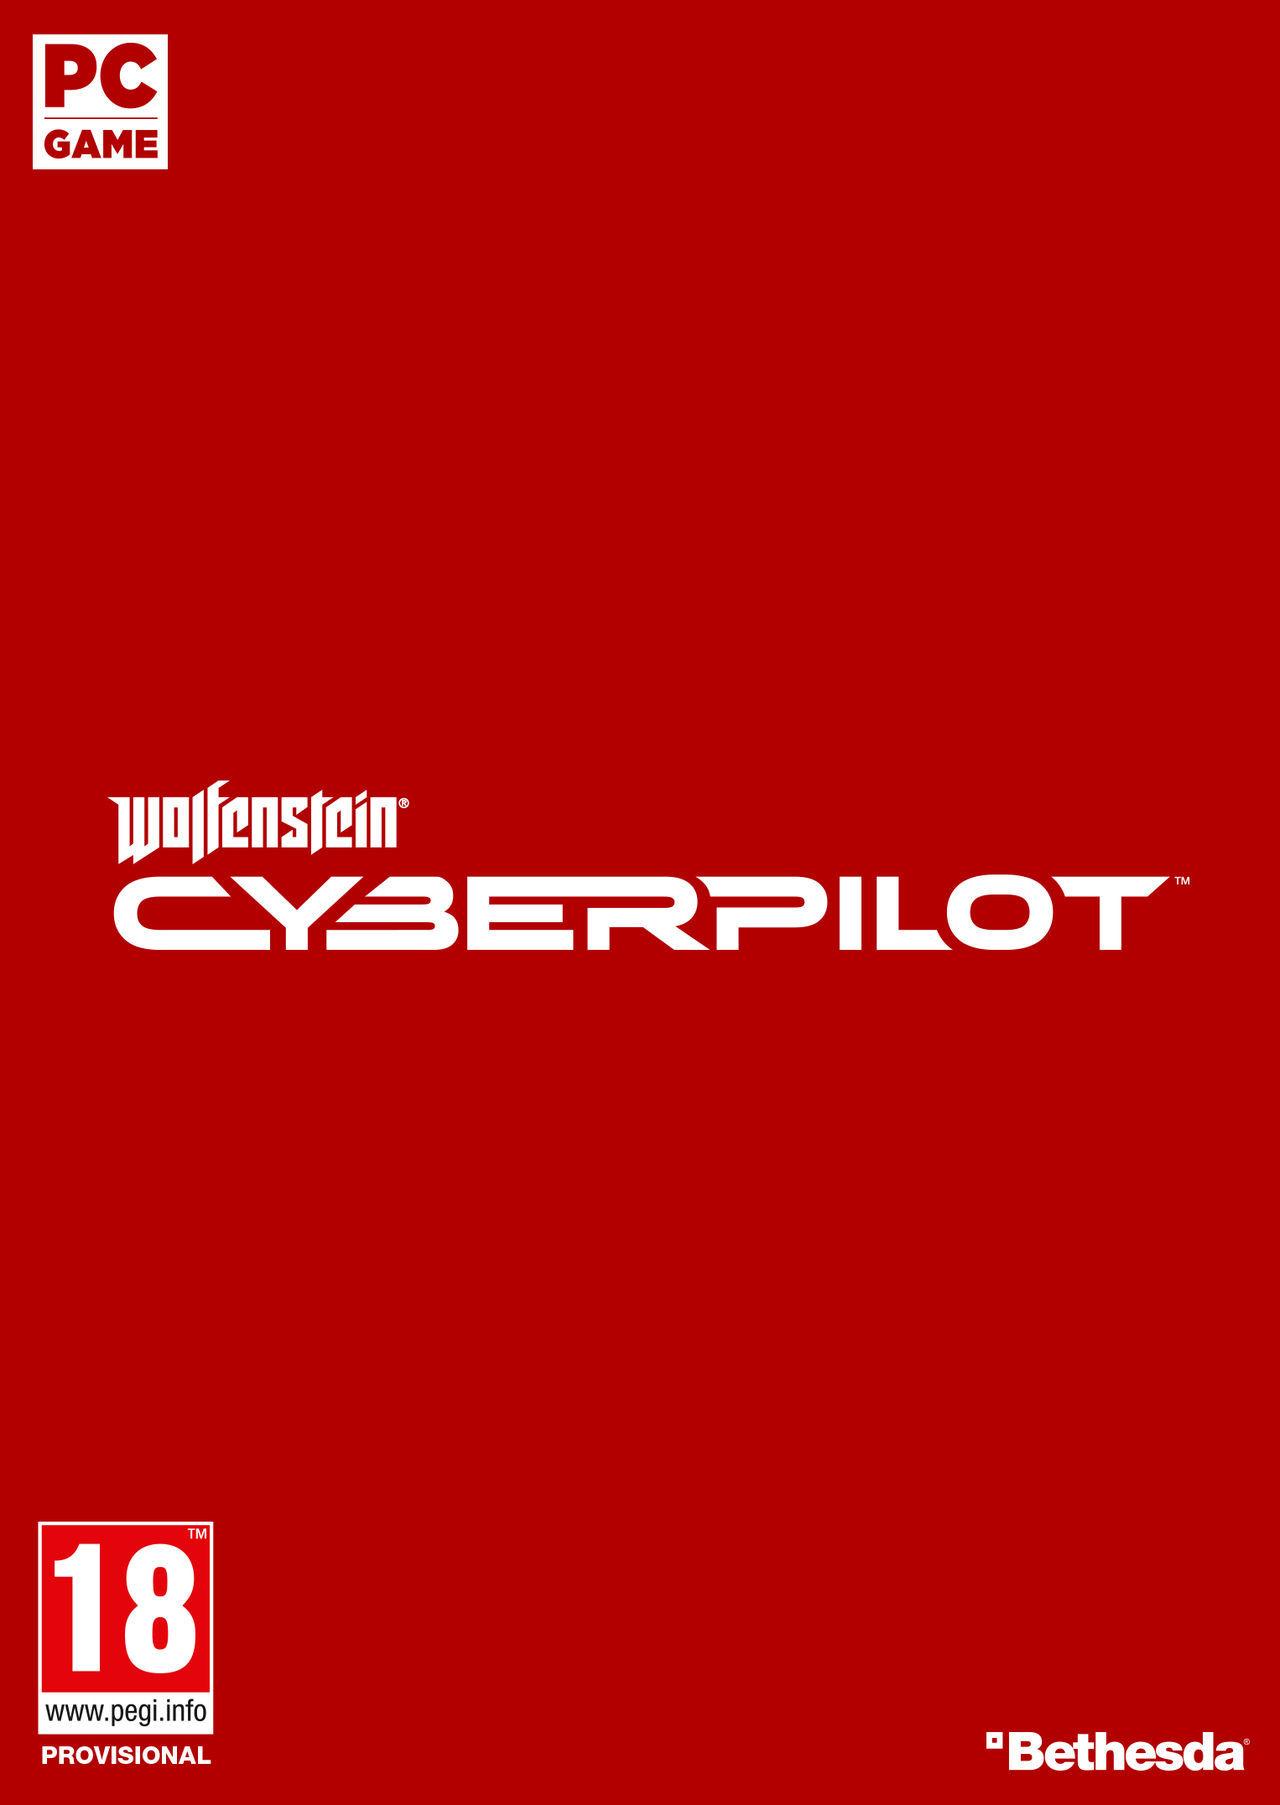 Imagen 7 de Wolfenstein: Cyberpilot para Ordenador